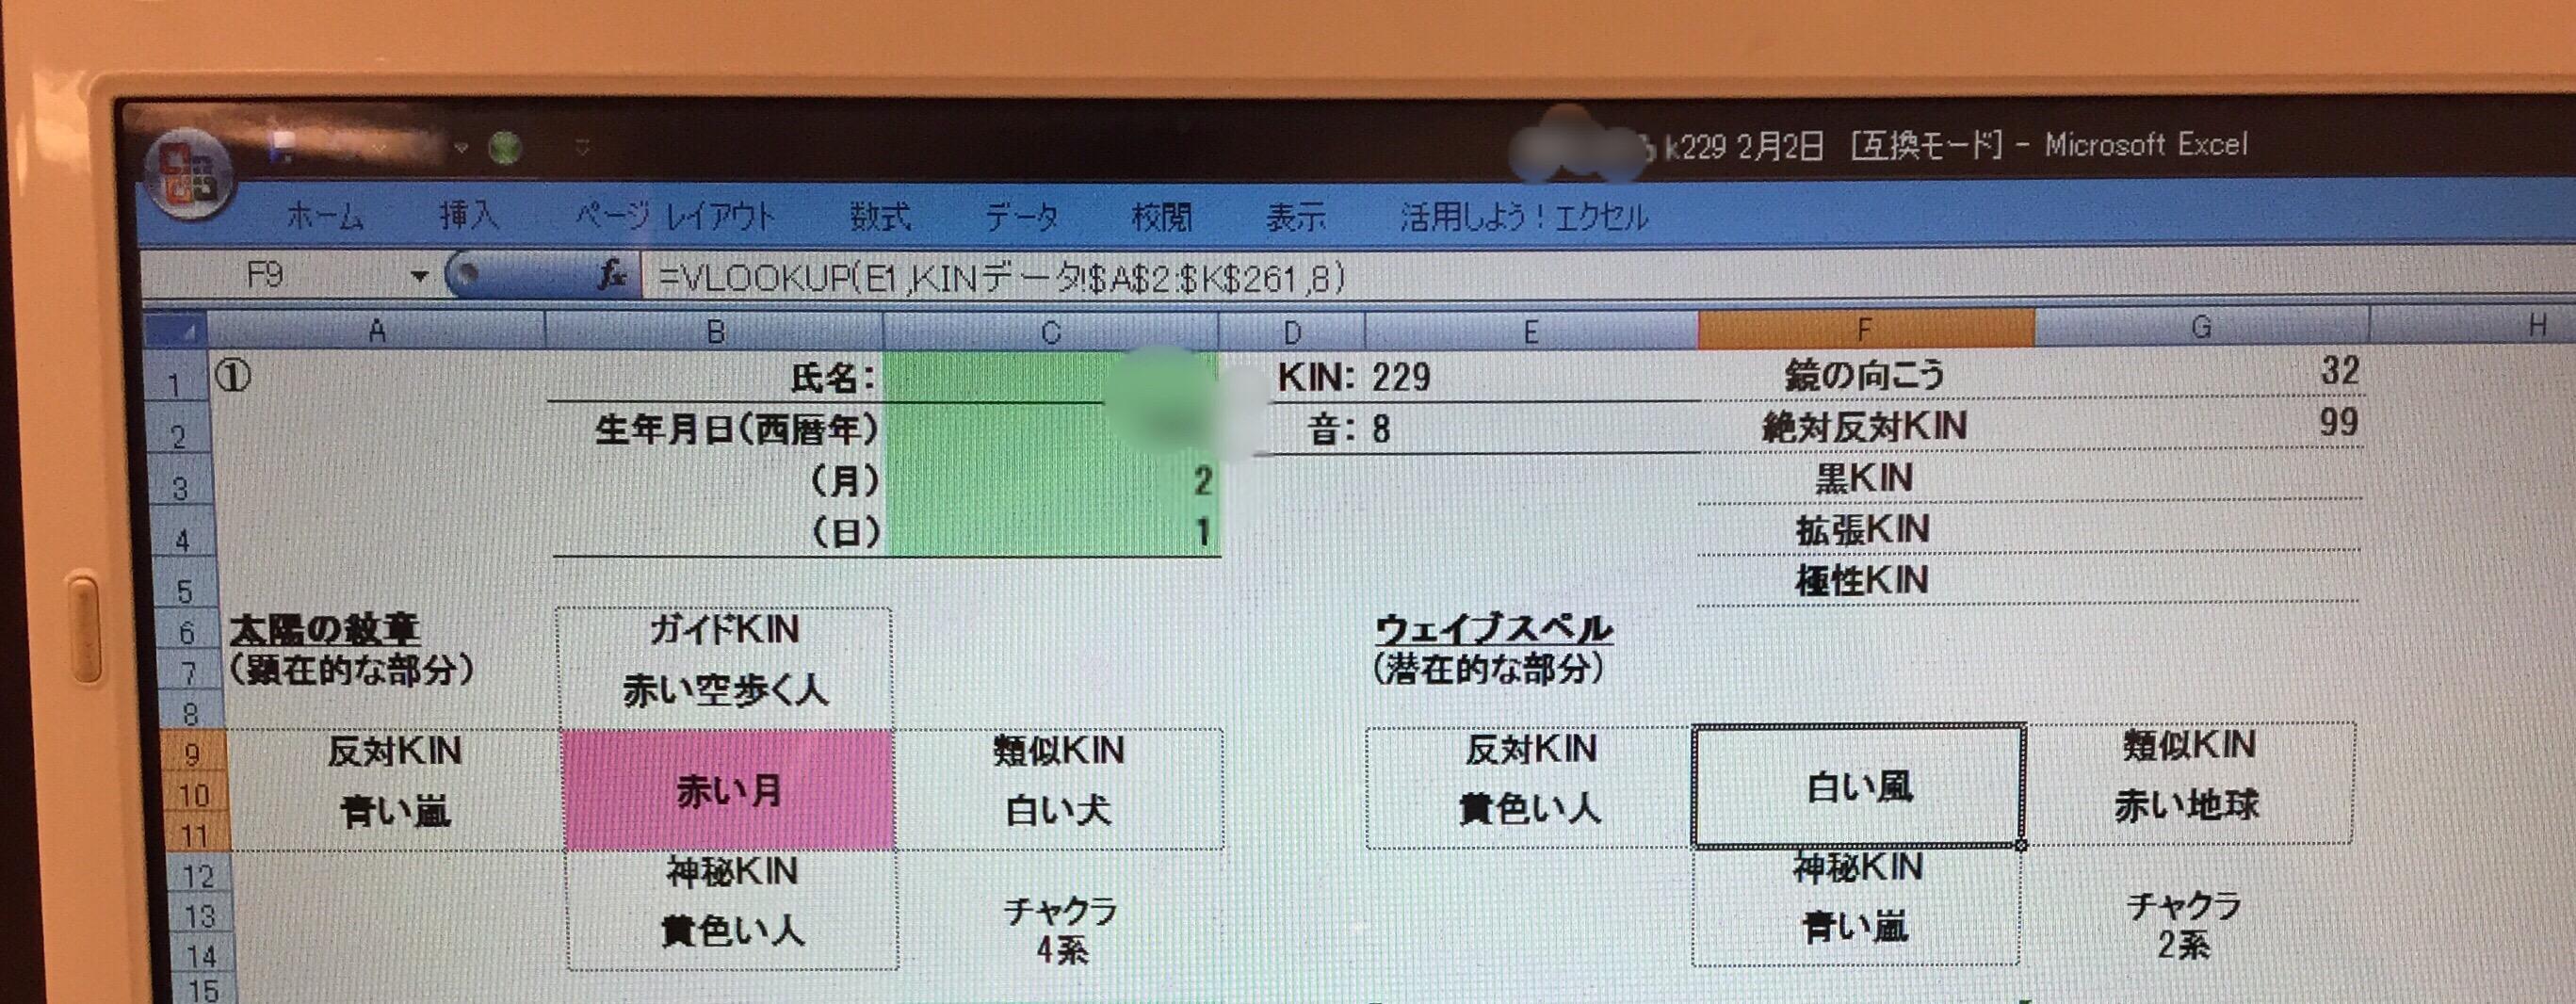 7FBB27A1-11DF-4EB2-B24B-5BFAB505E82E